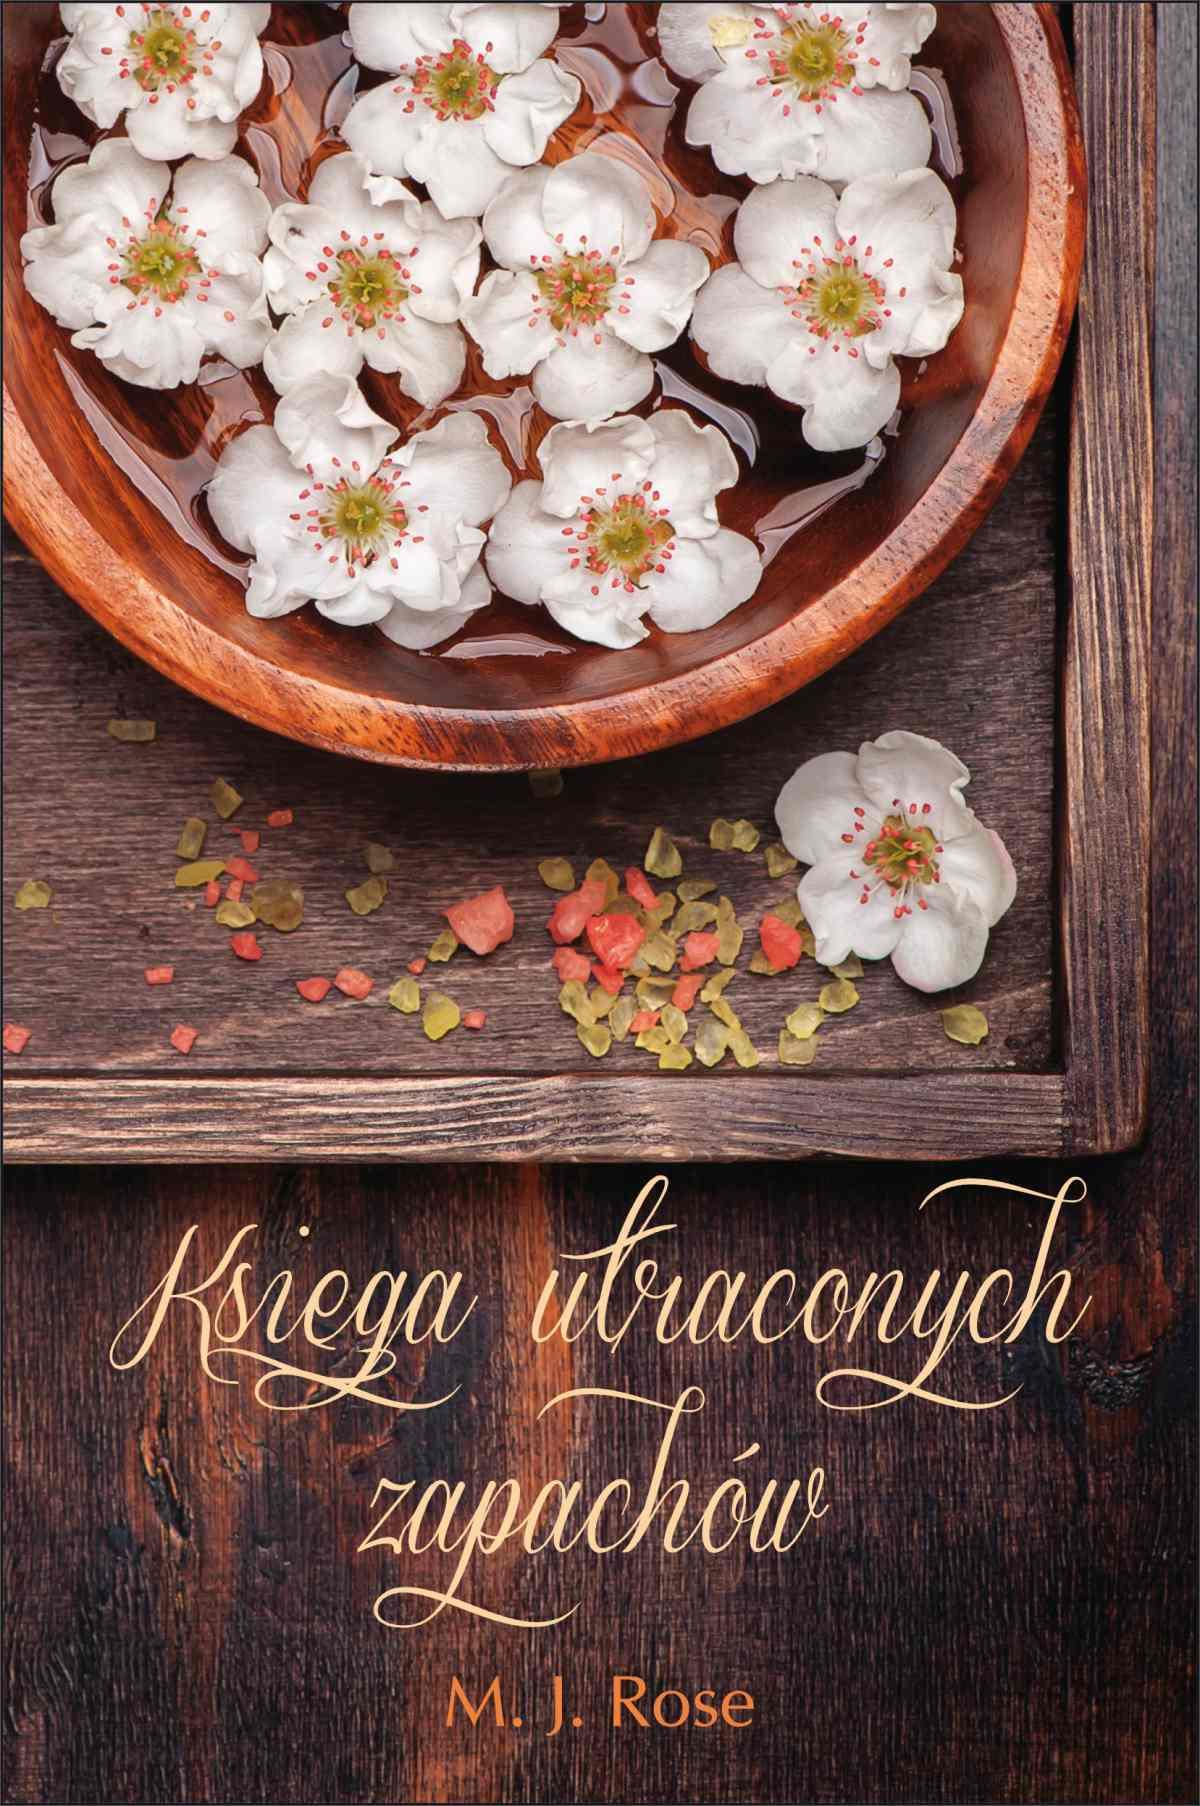 Księga utraconych zapachów - Ebook (Książka na Kindle) do pobrania w formacie MOBI